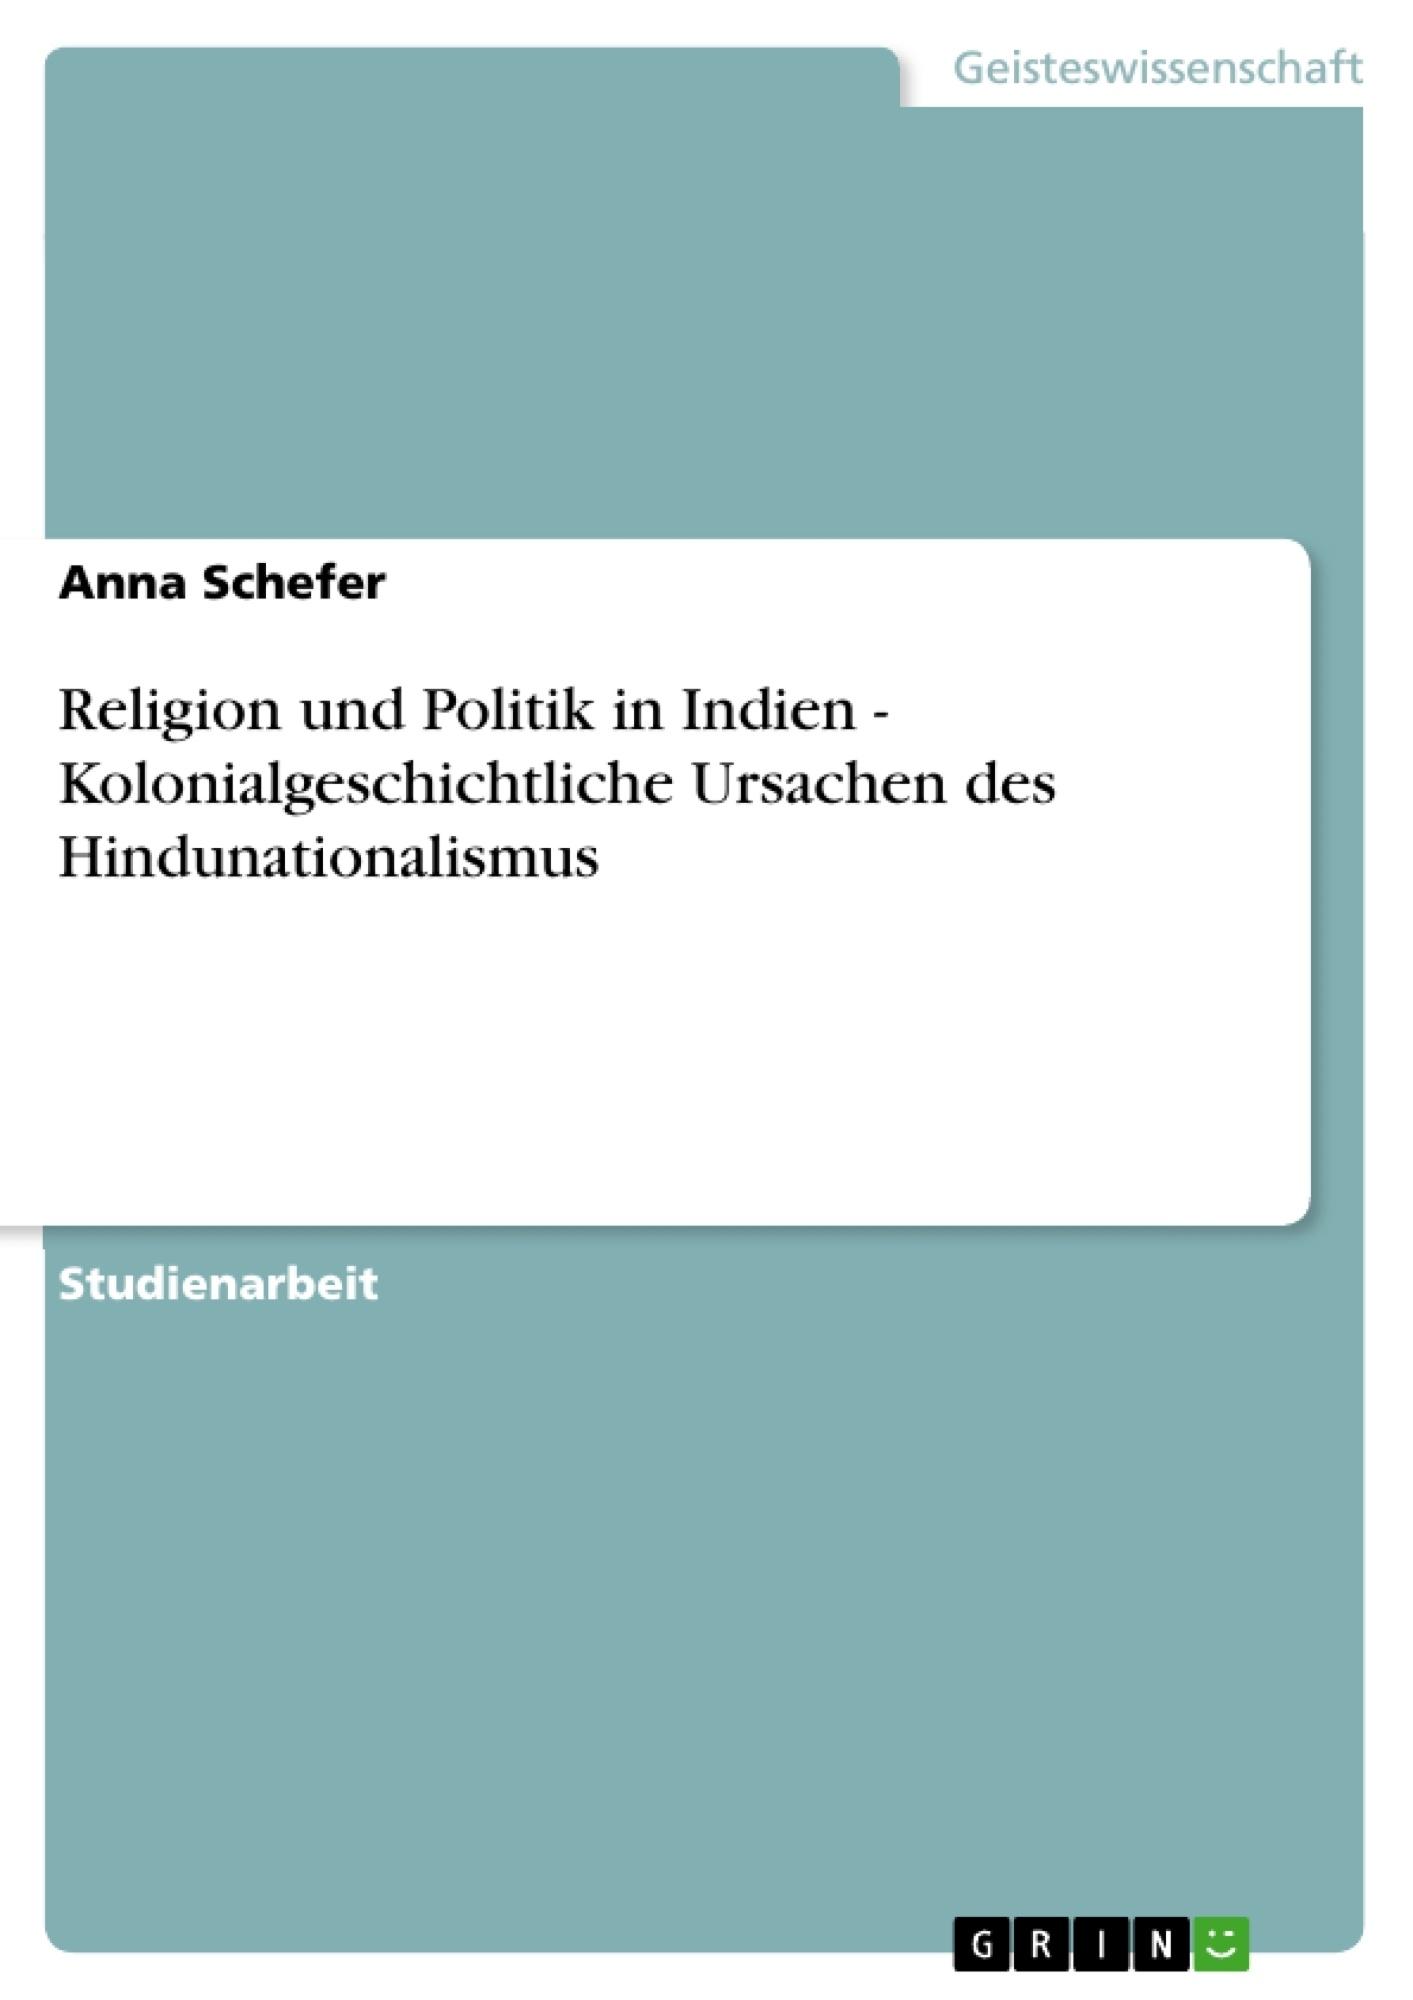 Titel: Religion und Politik in Indien - Kolonialgeschichtliche Ursachen des Hindunationalismus